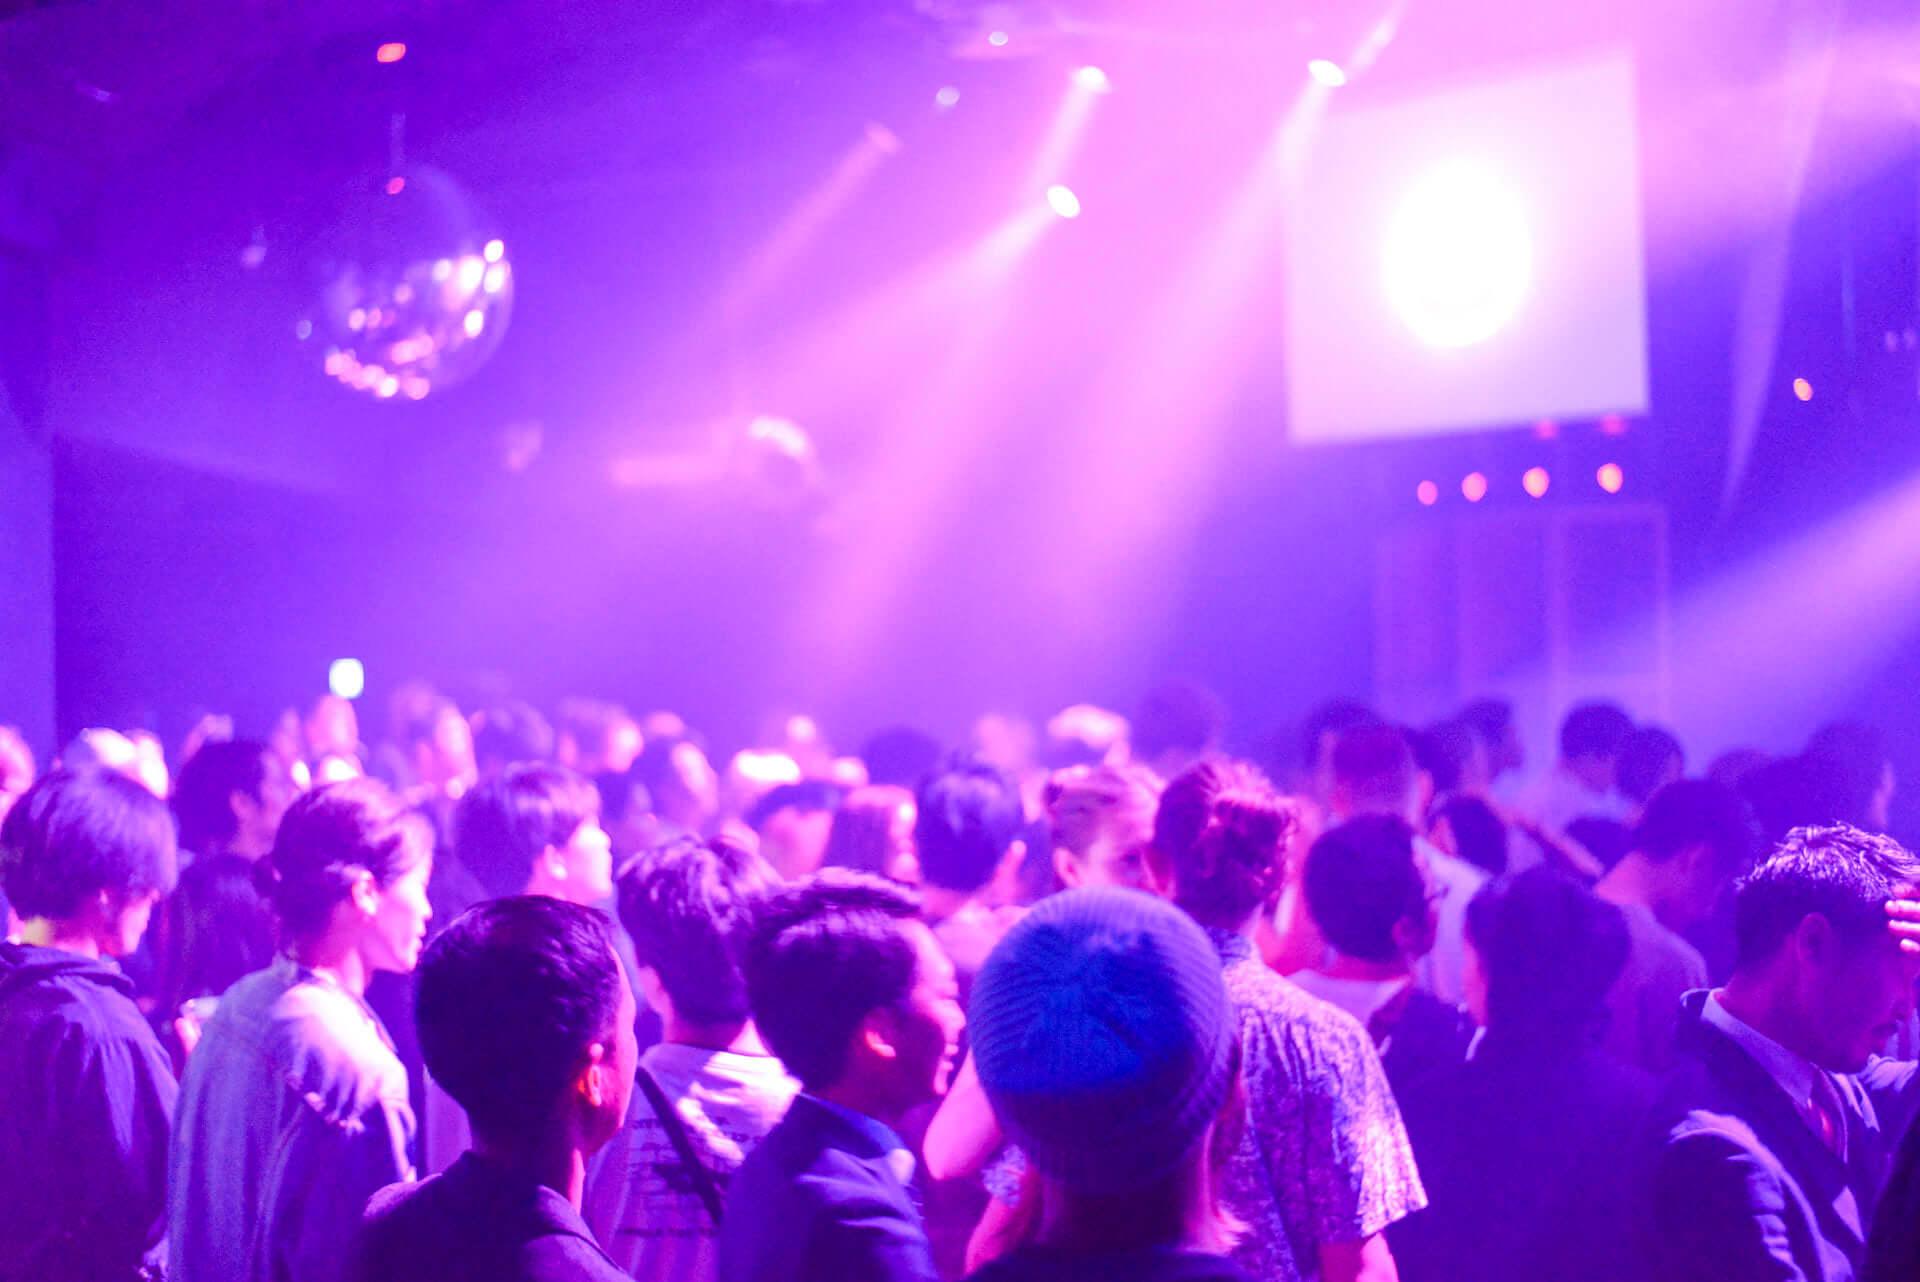 フォトレポ|注目のパリ発レーベル「Roche Musique」×国内人気パーティー「MODERN DISCO」 music181129-modern-disco-1920x1282